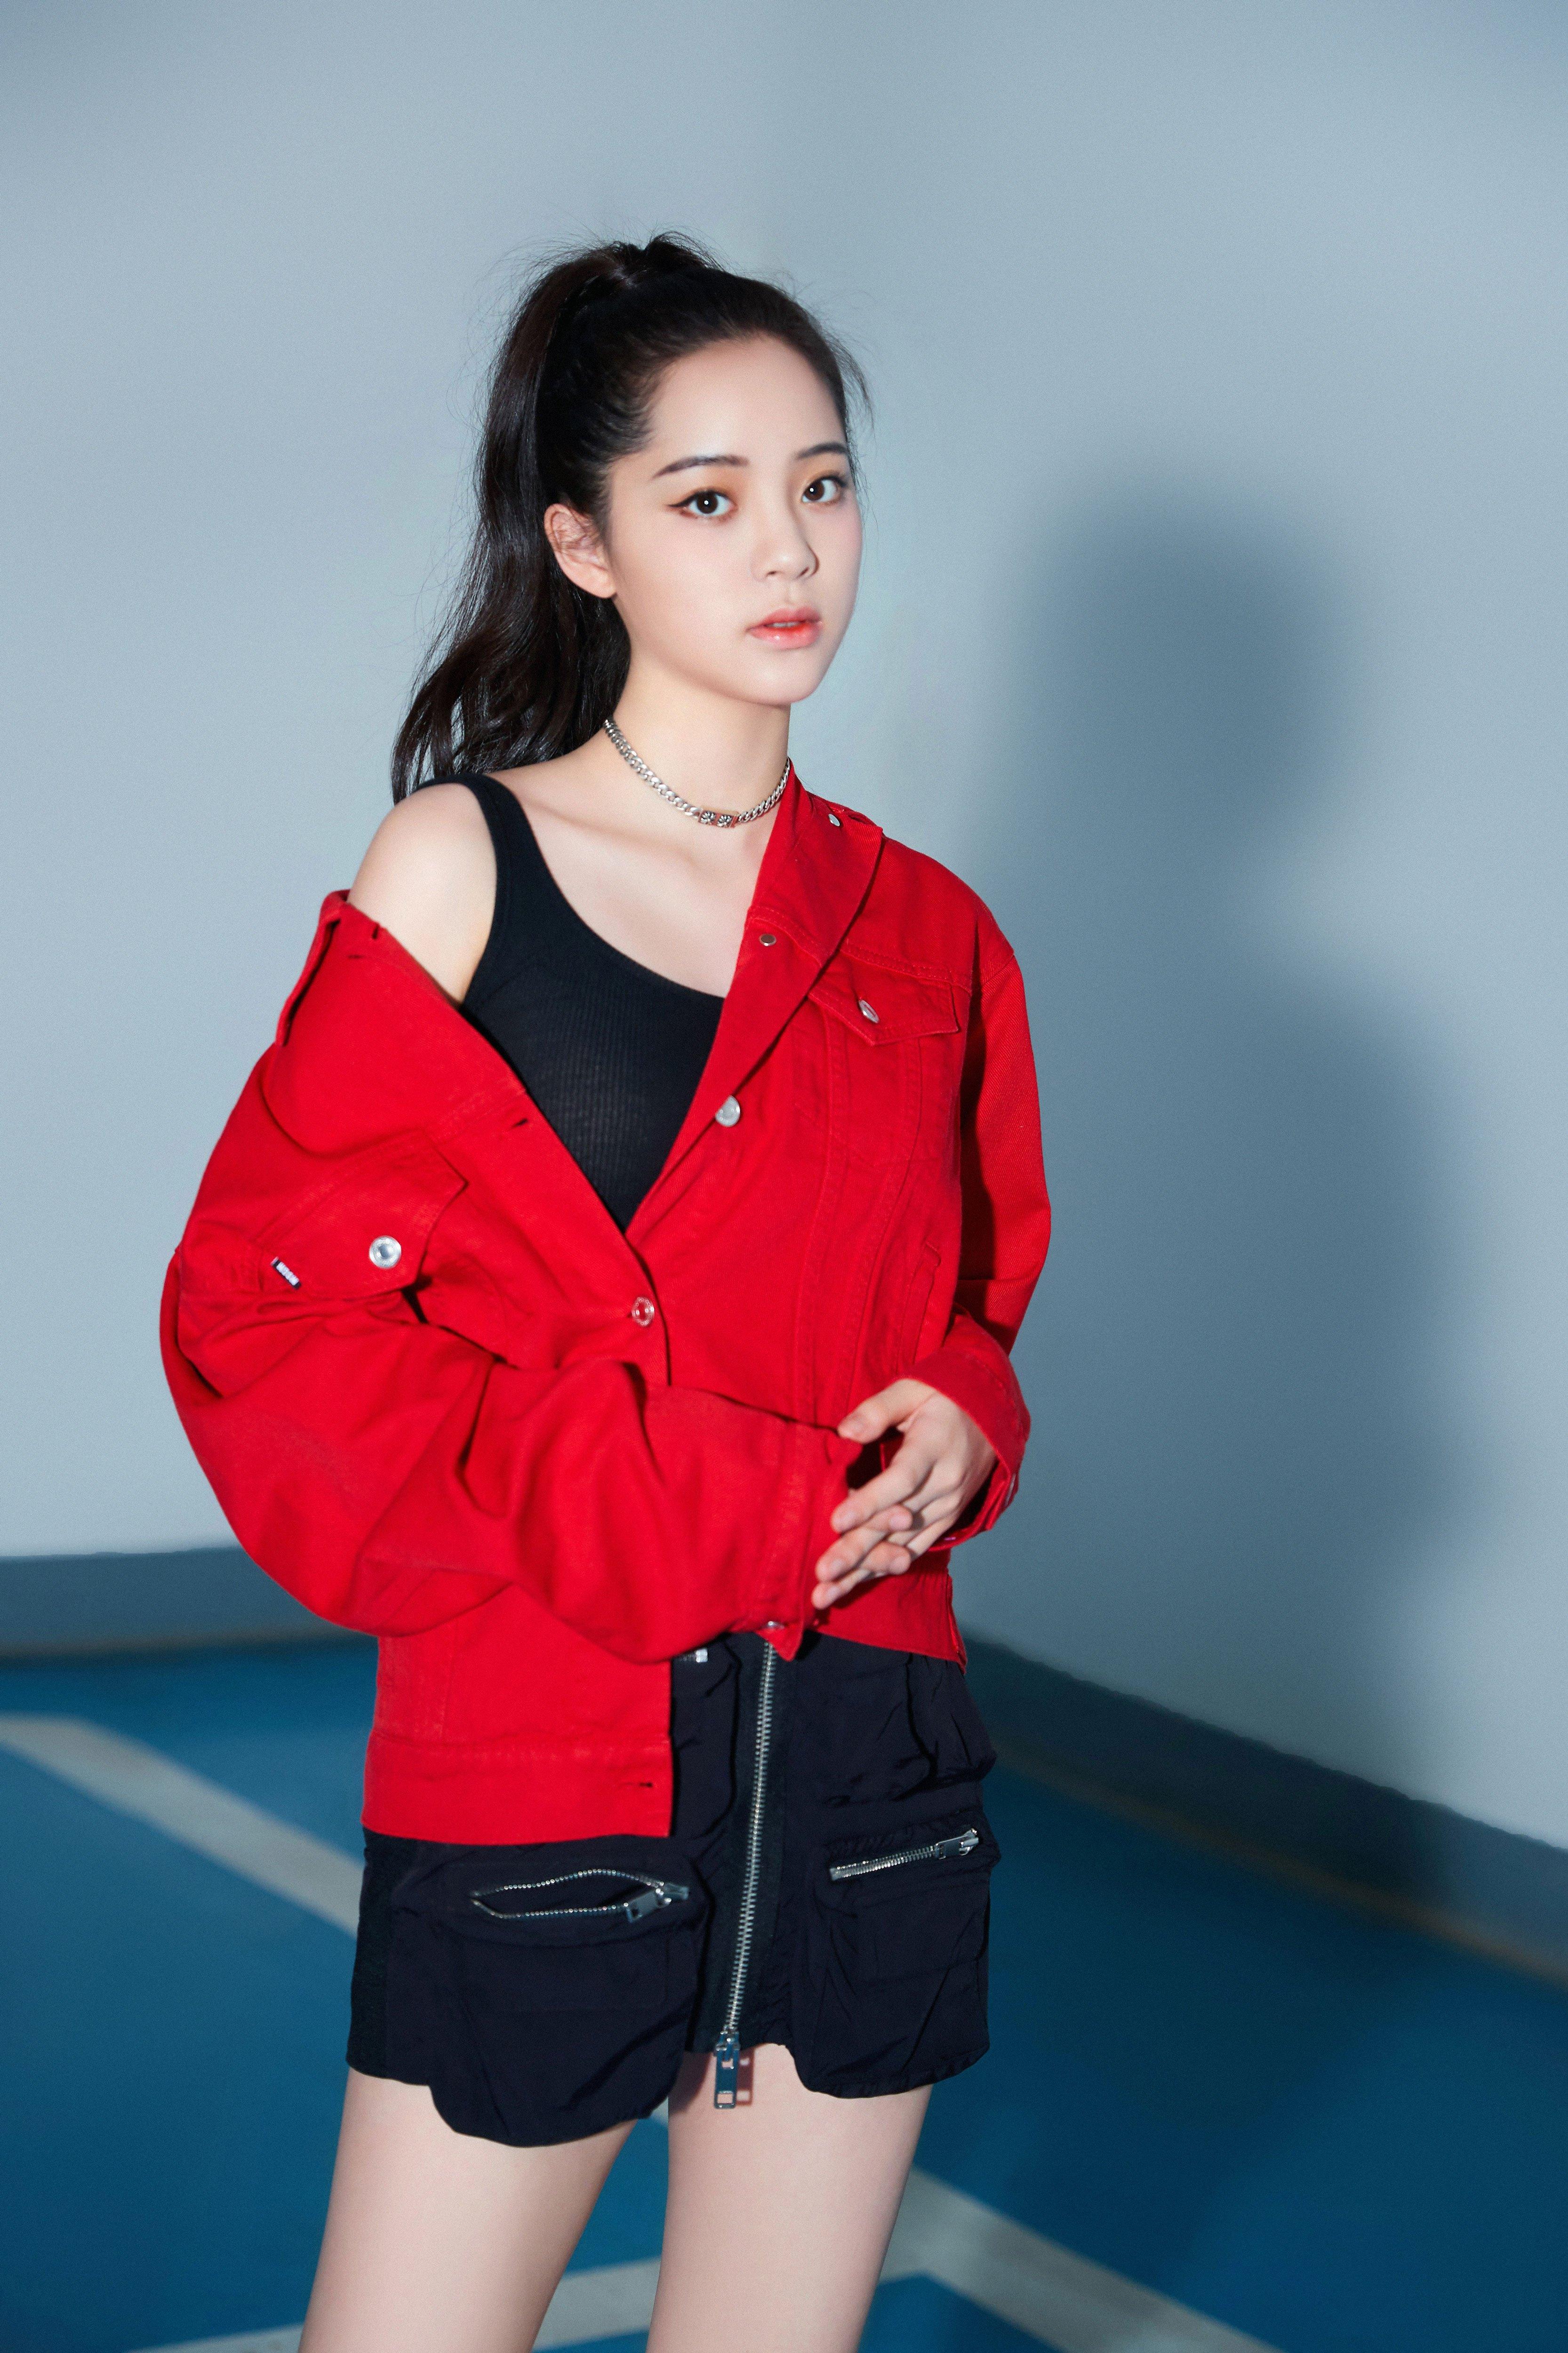 欧阳娜娜写真来袭 红与黑的配色酷而利落